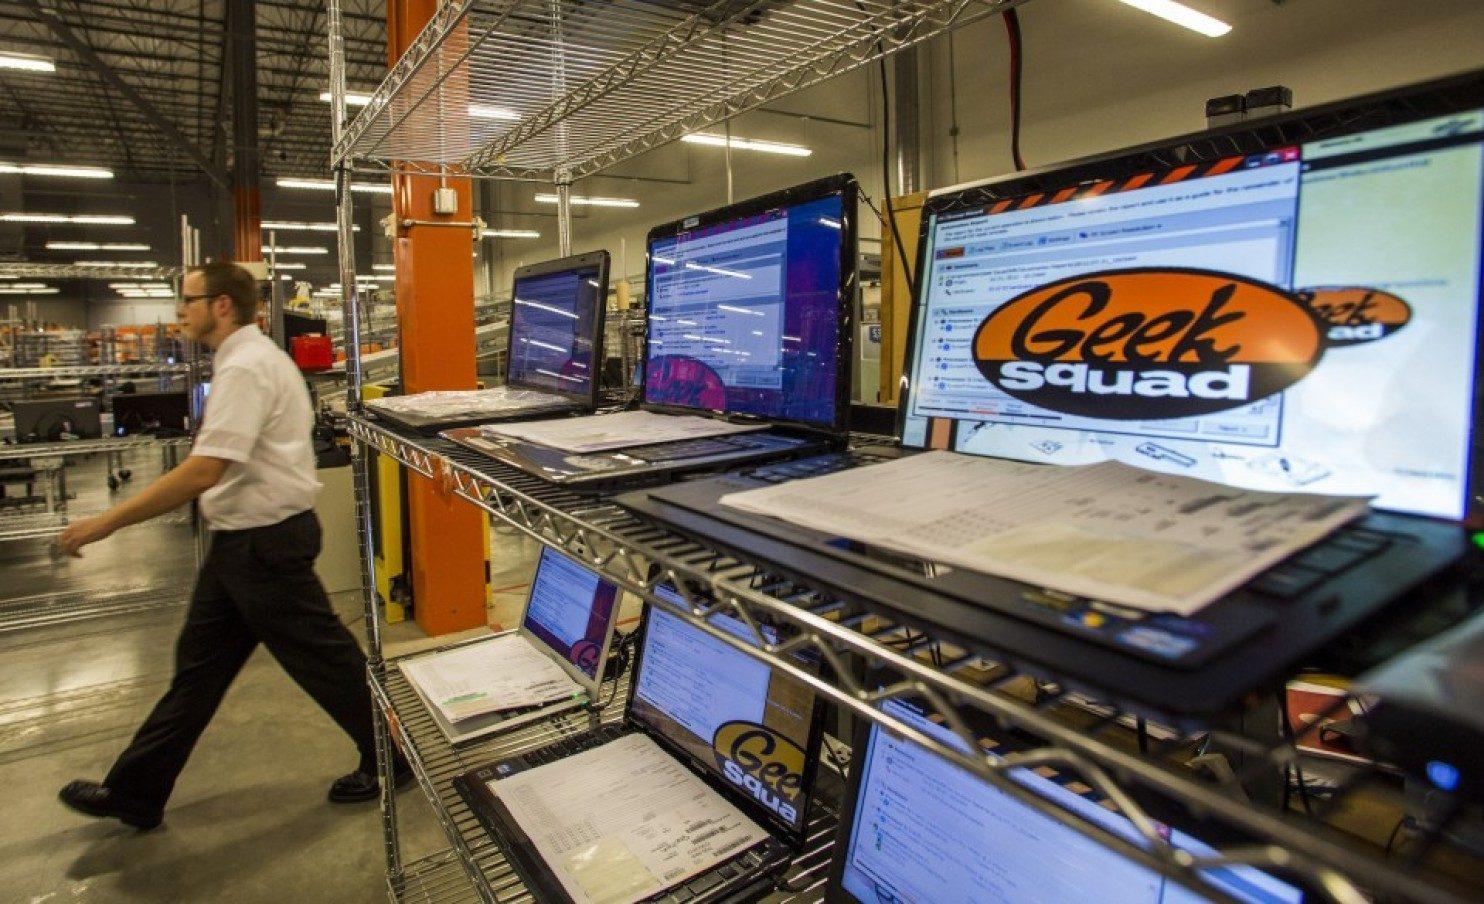 Computer repair and porn